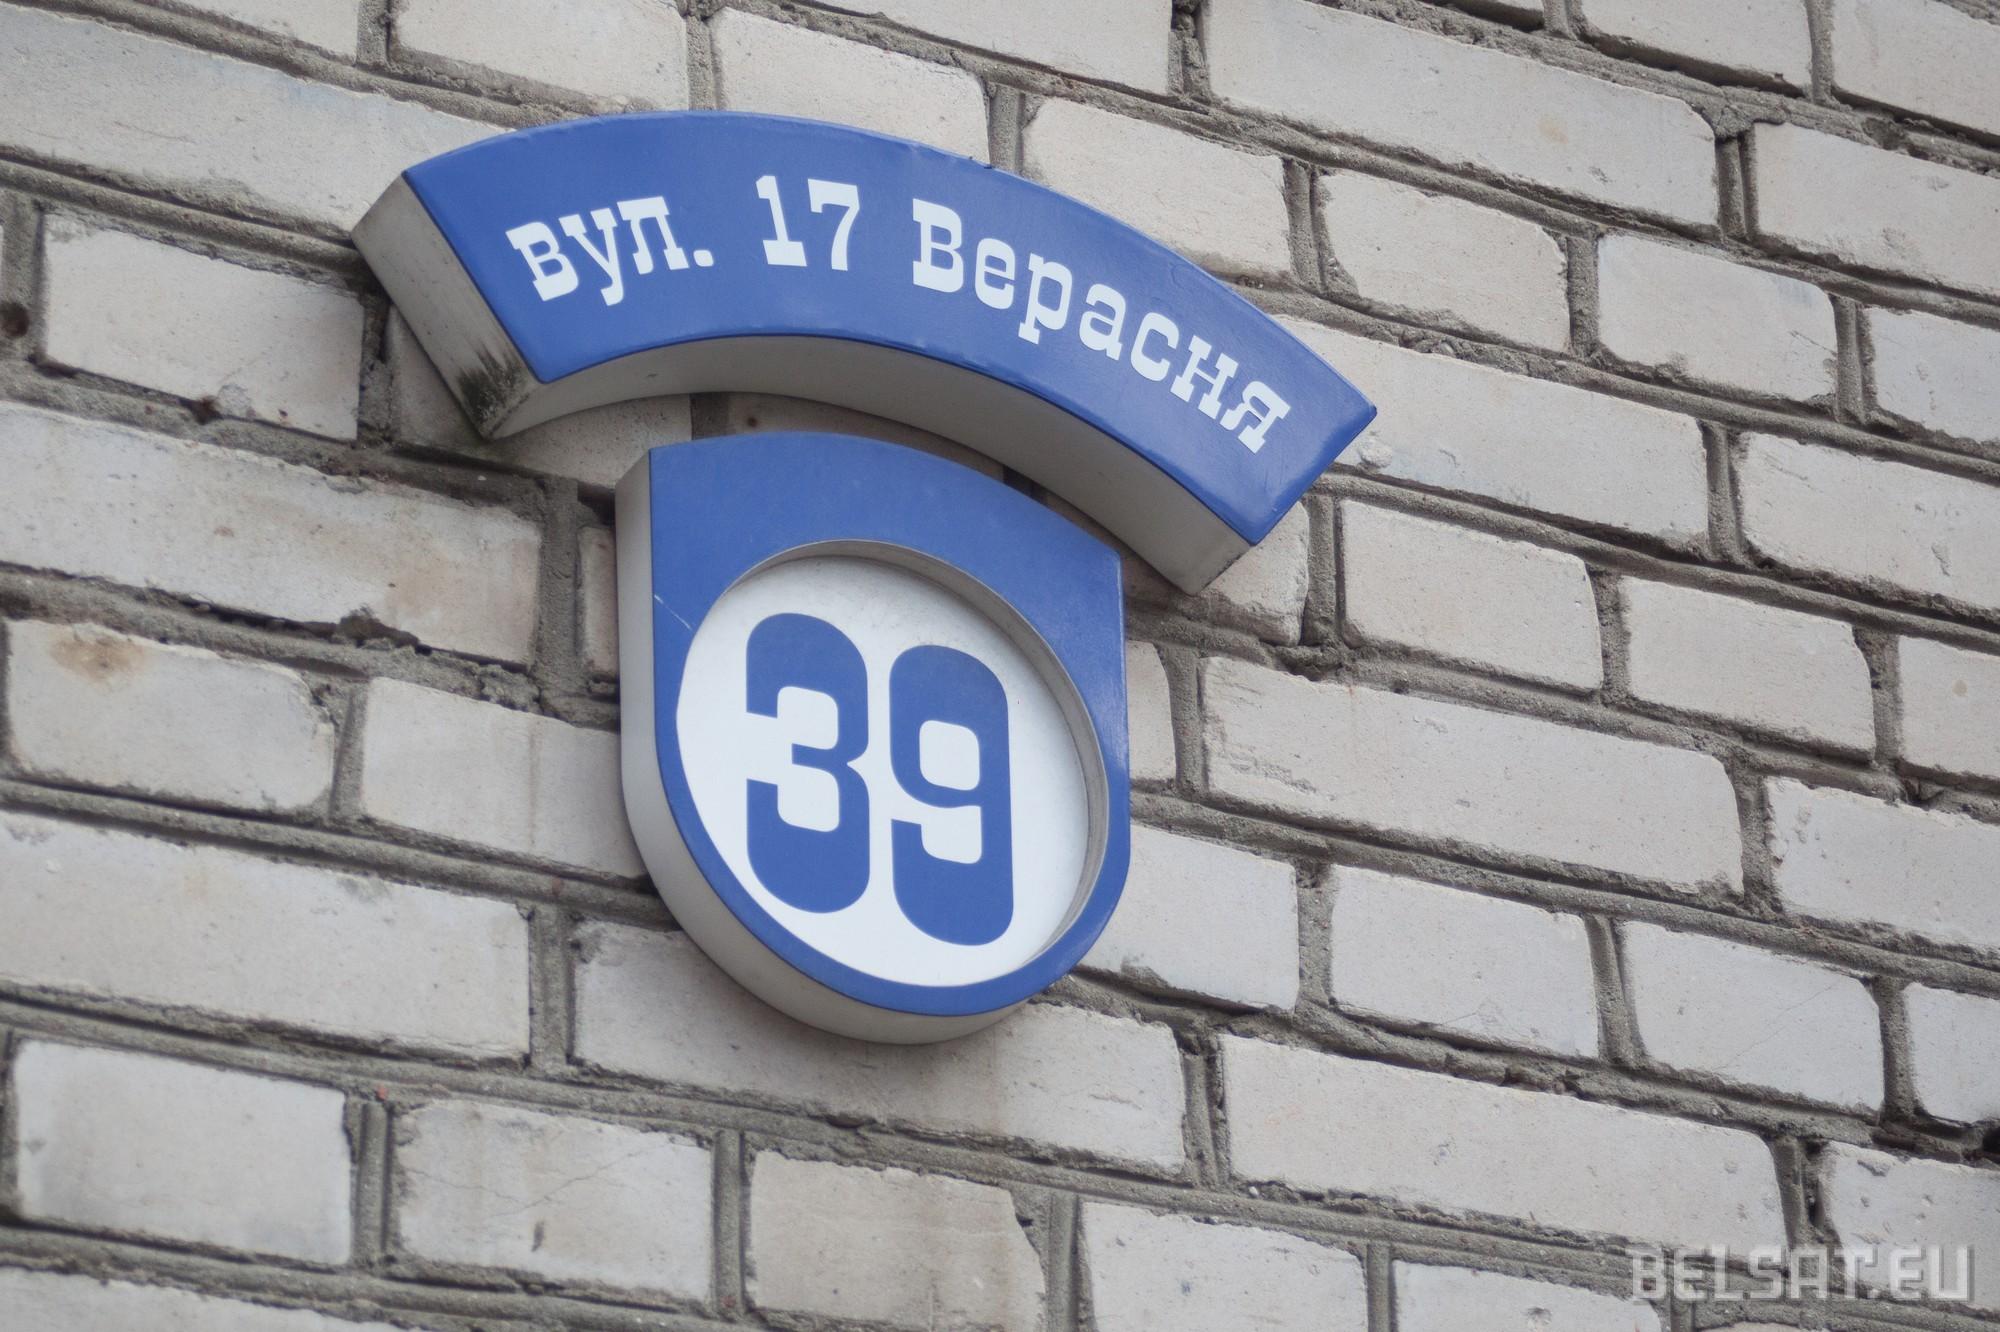 Dzevyatsipavyarhovik-na-17-verasnya-39-u-Goradni-1.jpg